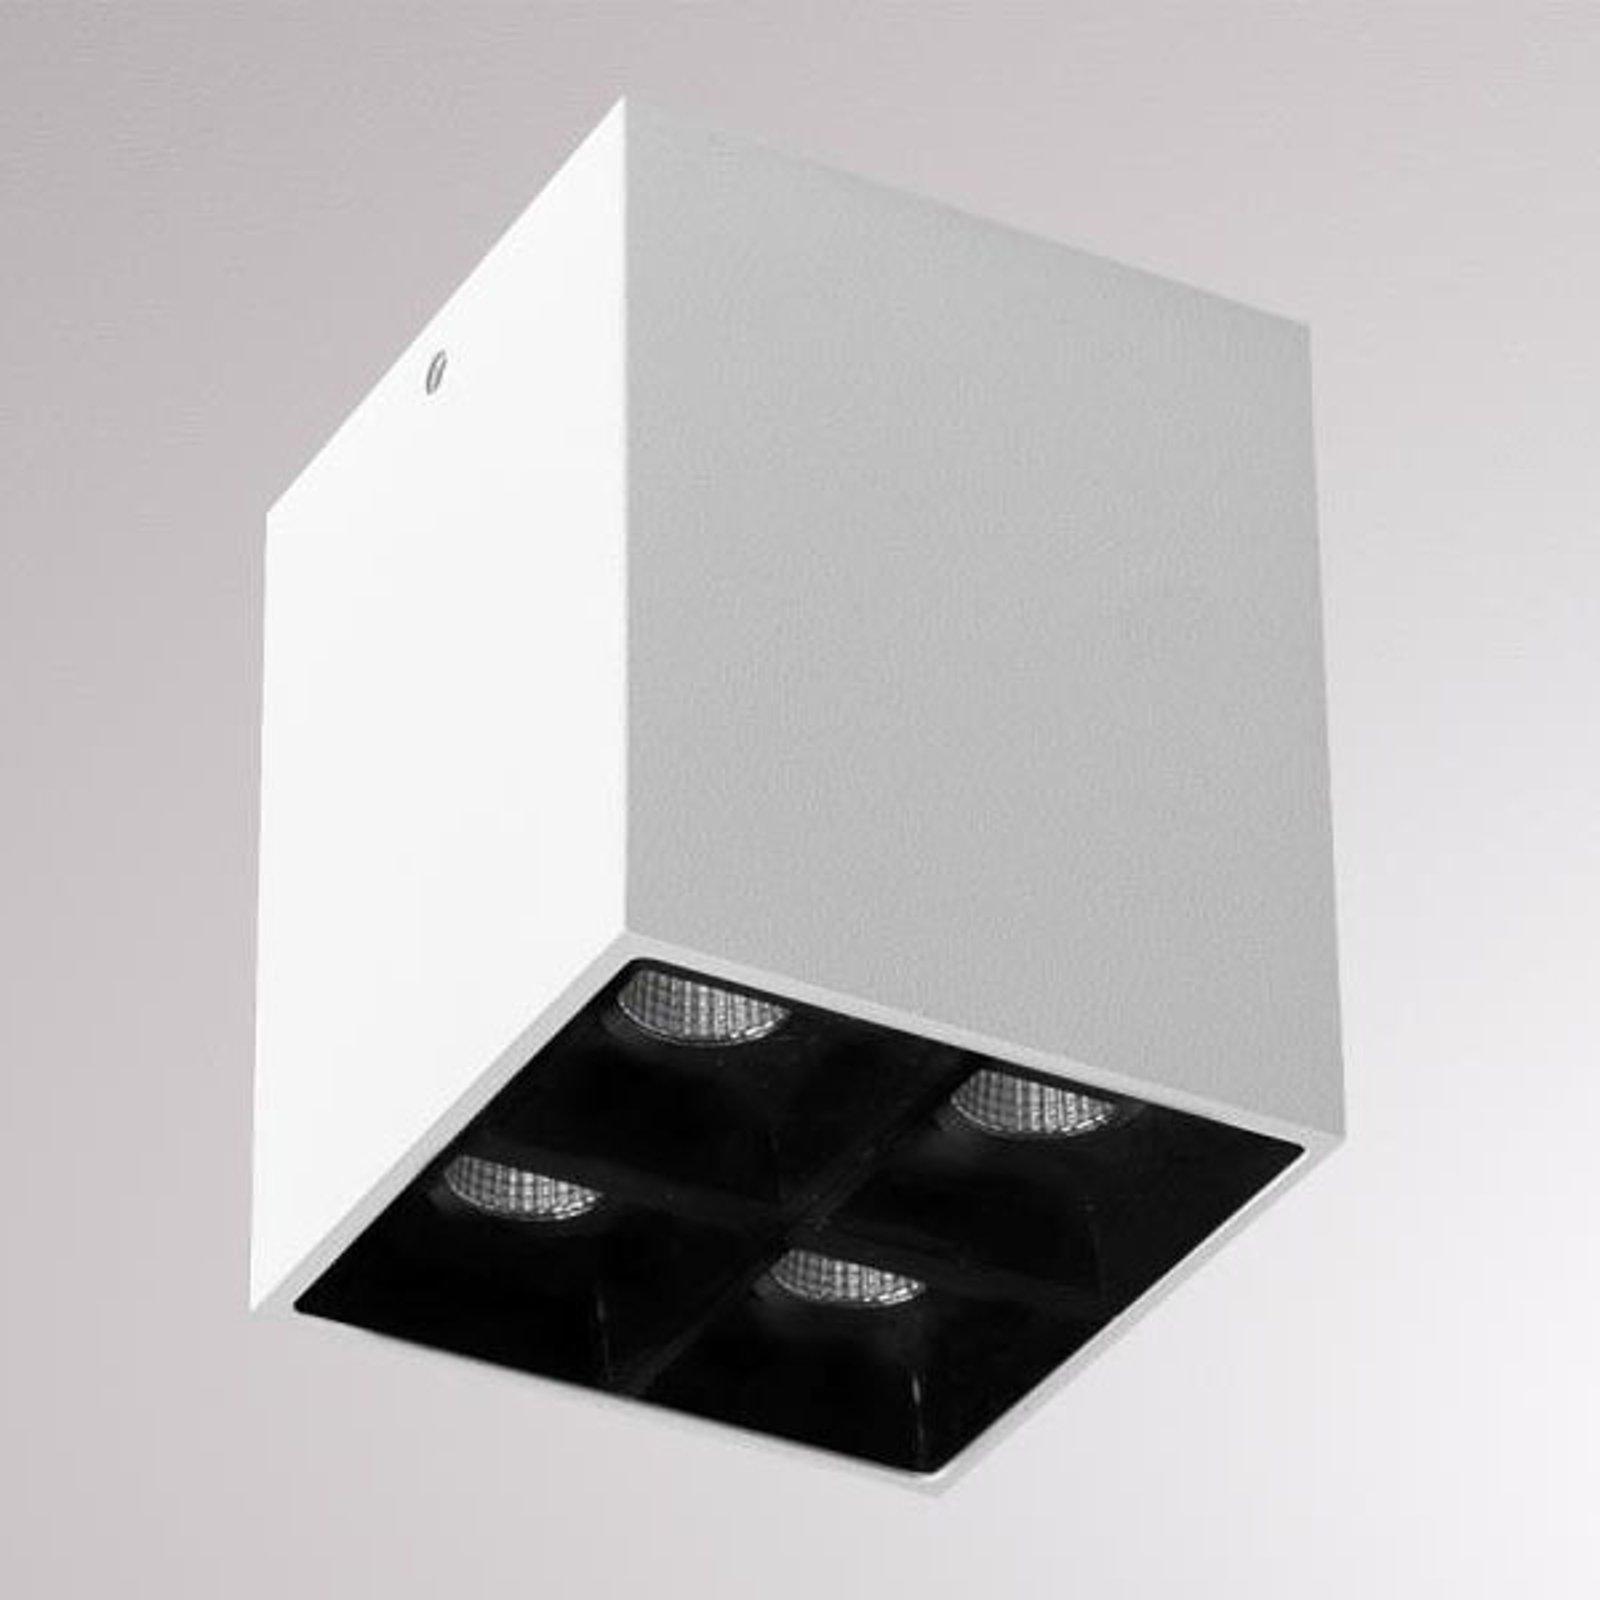 LOUM Liro LED-takspot hvit/svart 34° 2 700 K